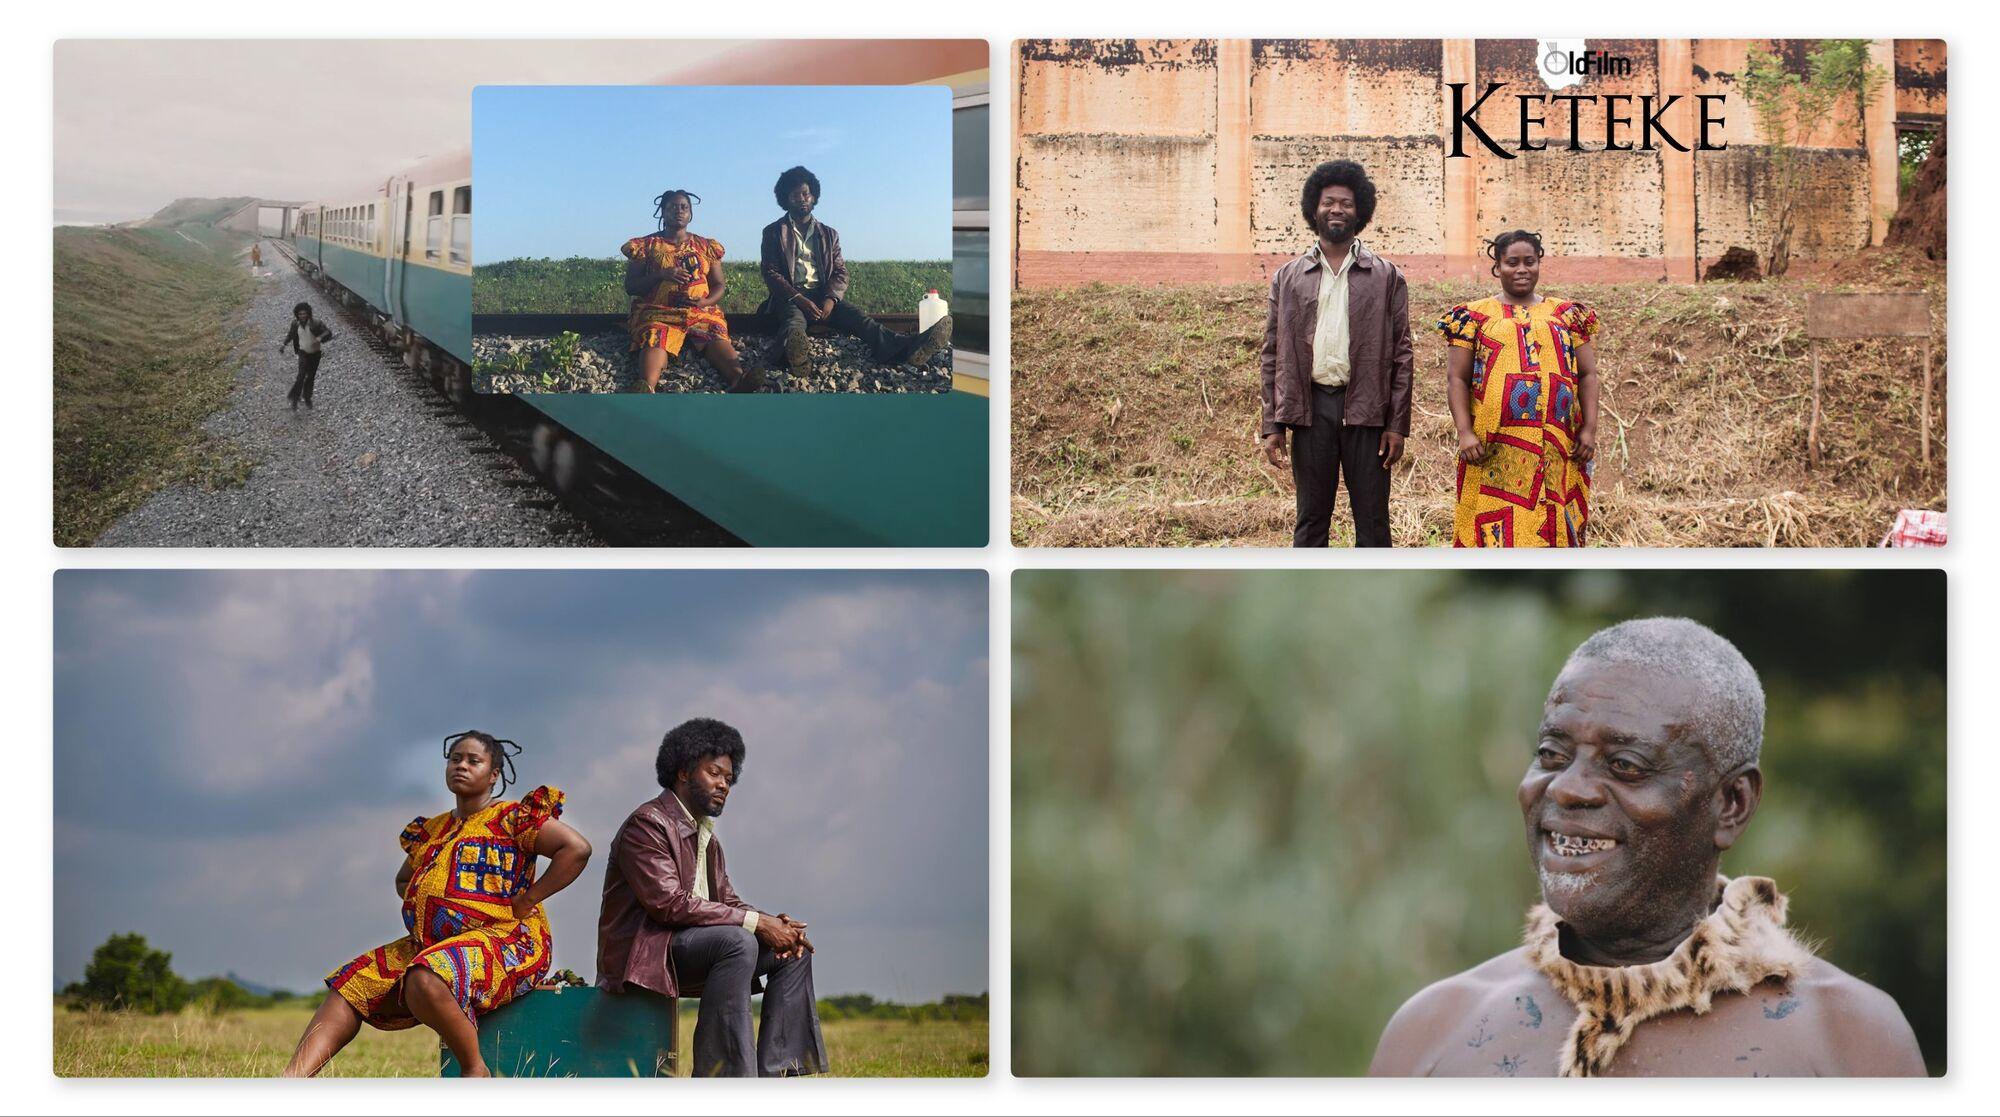 Keteke (2017) - Adjetey Anang & Lydia Forson